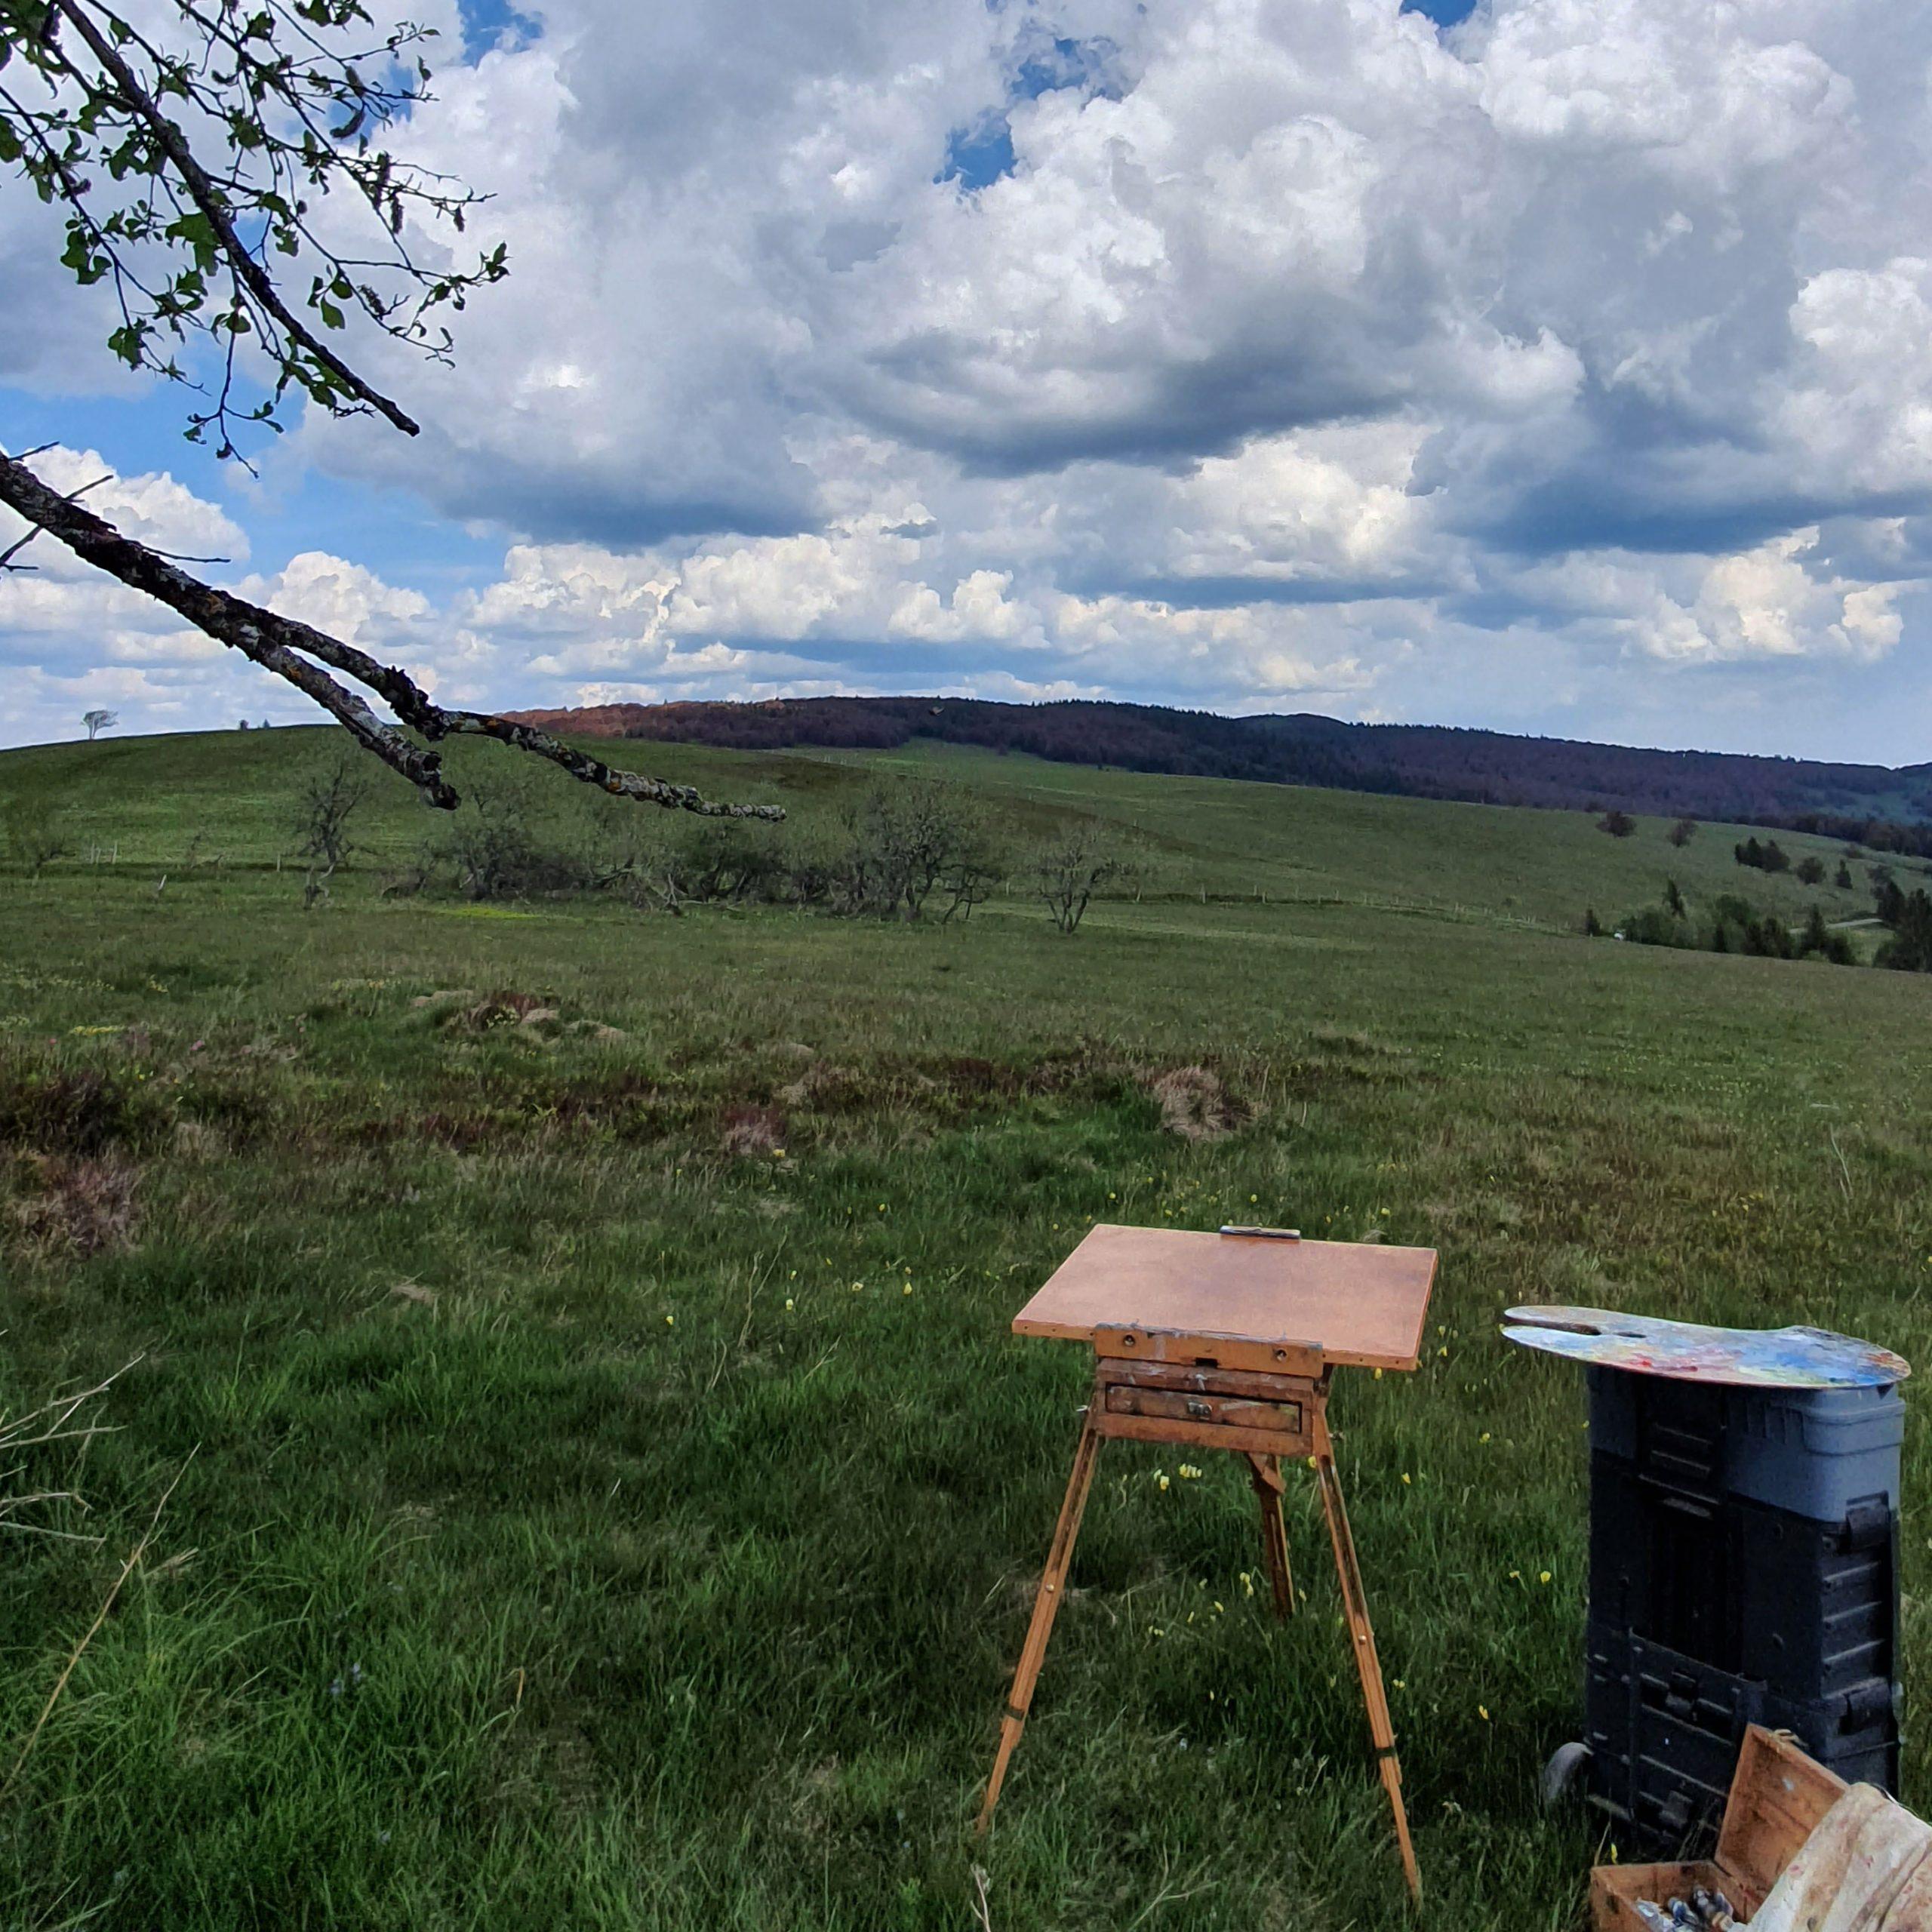 Atelier creatif - peinture- Gissinger-Mariele-Peinture-huile-Peinte-Artiste-Art-gm-Alsace-France-Vosges-Ballon d'alsace-Markstein